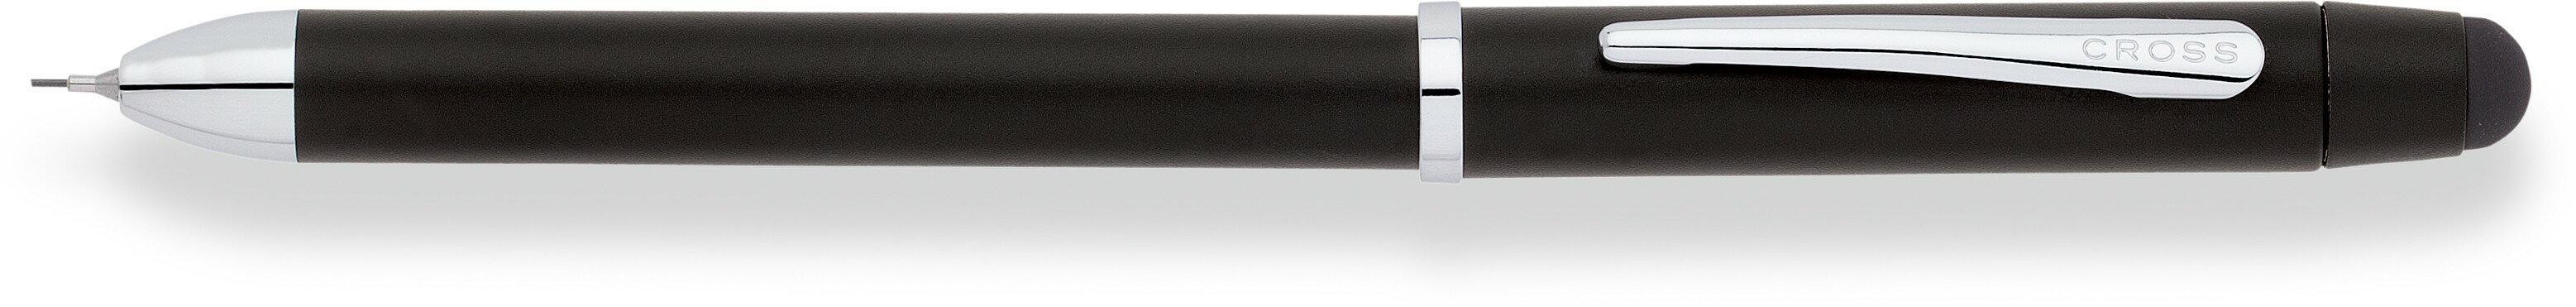 【文具通】CROSS Tech3 + Satin Black Multi-Function Pen 高仕 多功能三用筆 黑桿AT0090-3 A1200237